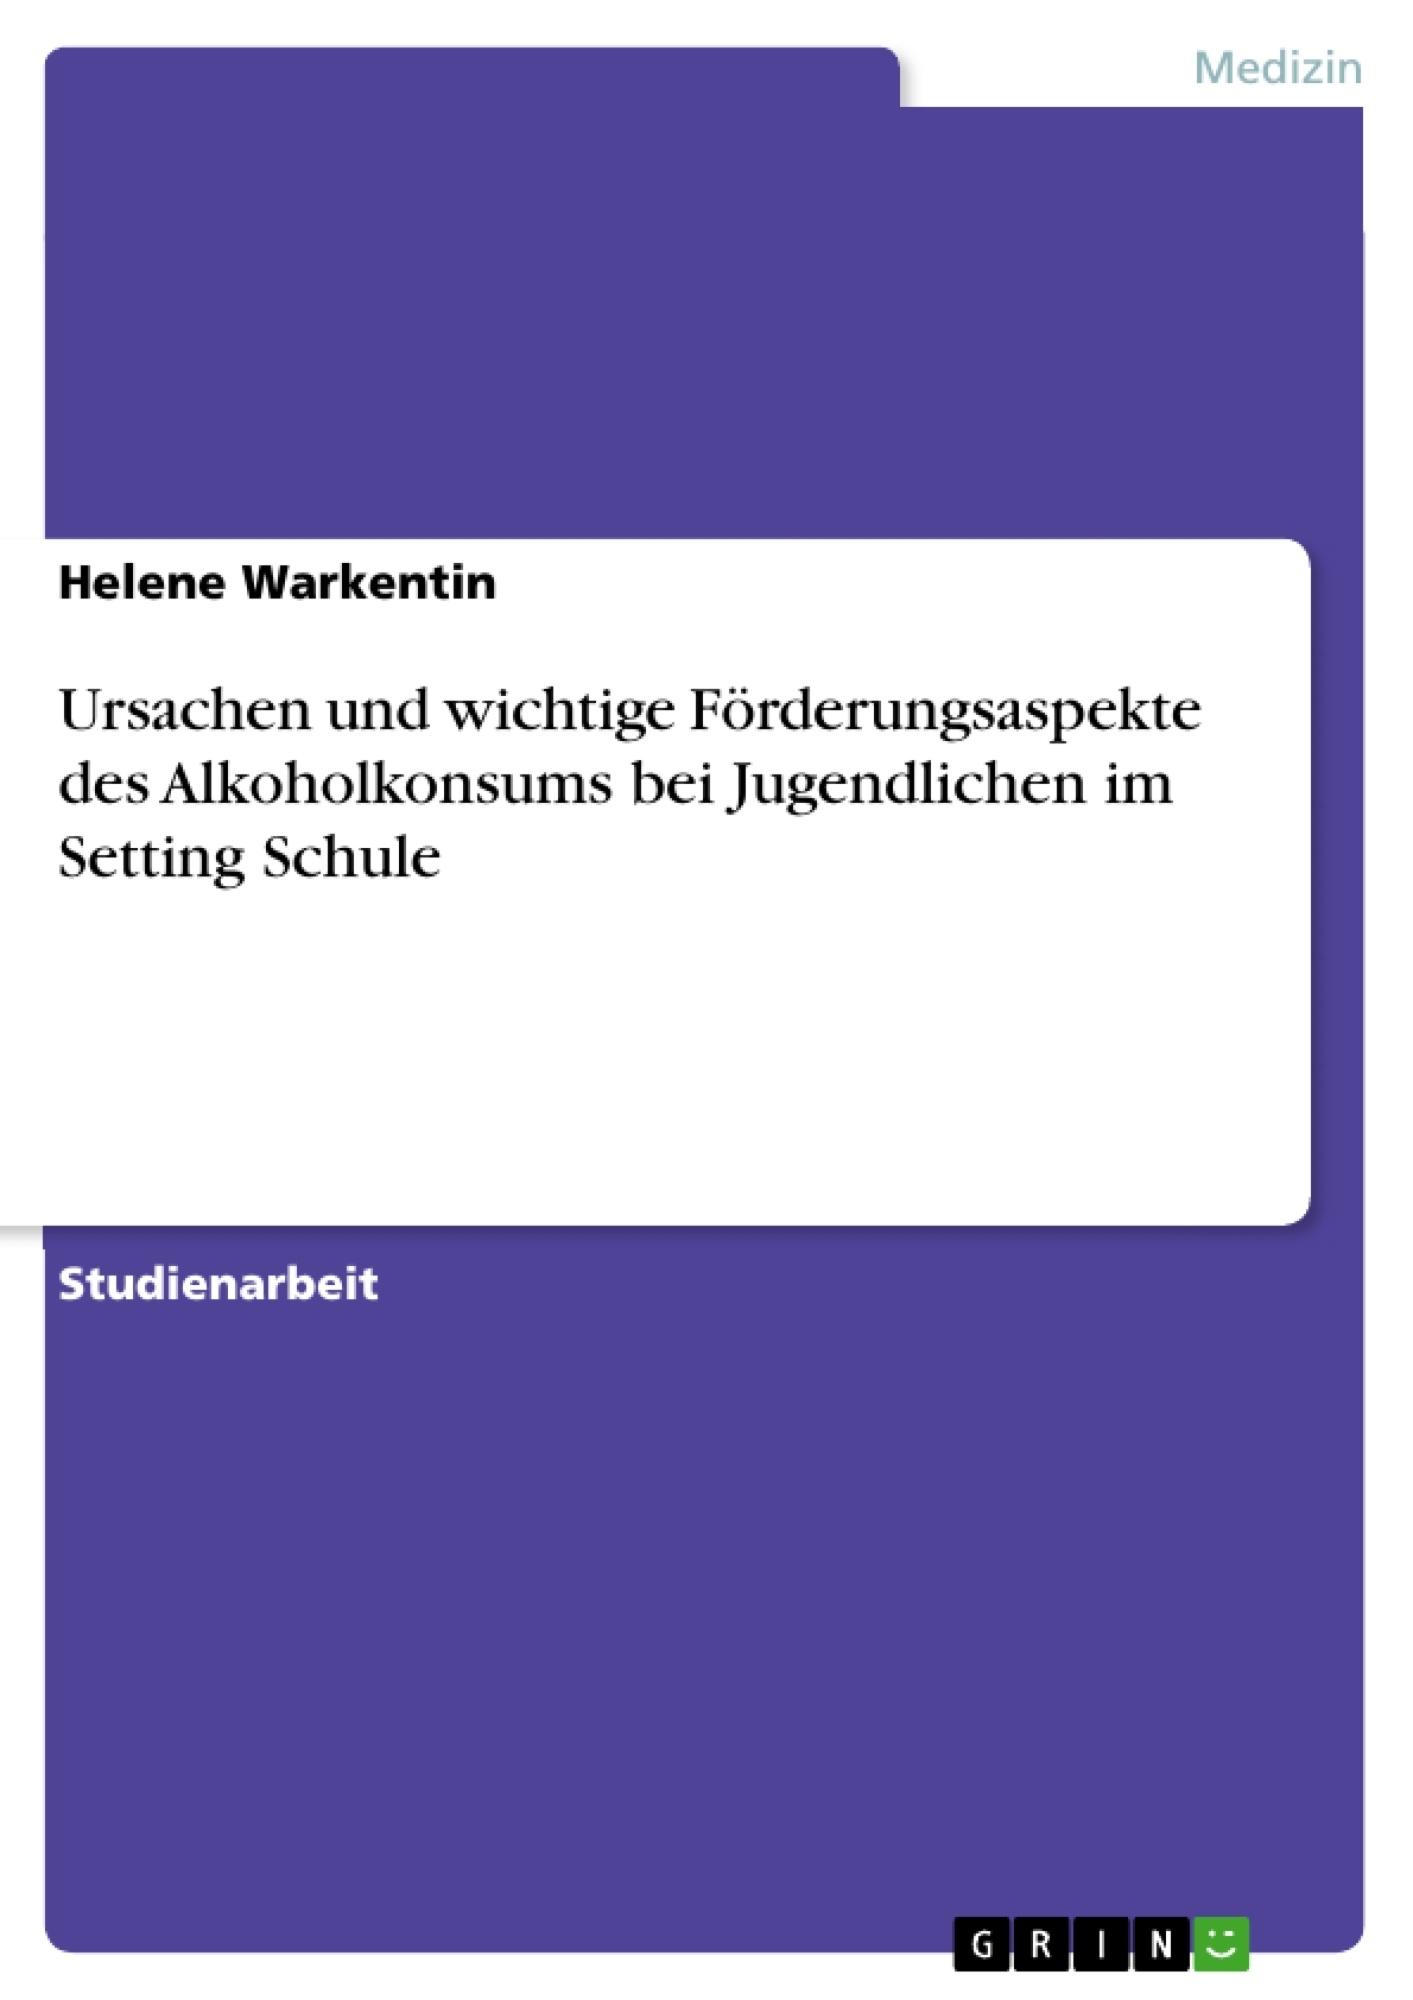 Titel: Ursachen und wichtige Förderungsaspekte des Alkoholkonsums bei Jugendlichen im Setting Schule